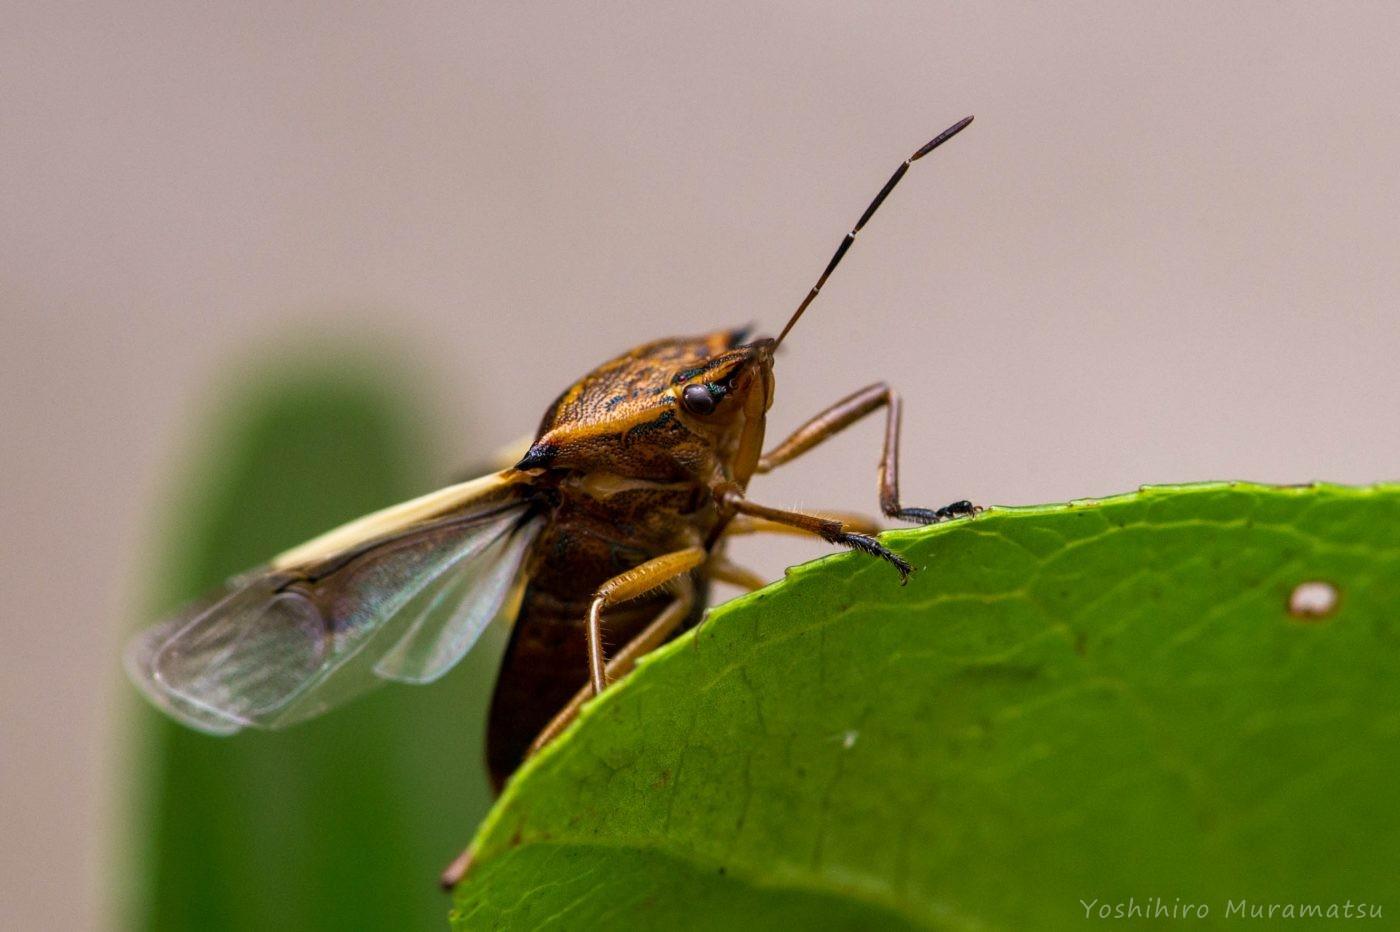 シロヘリクチブトカメムシの写真